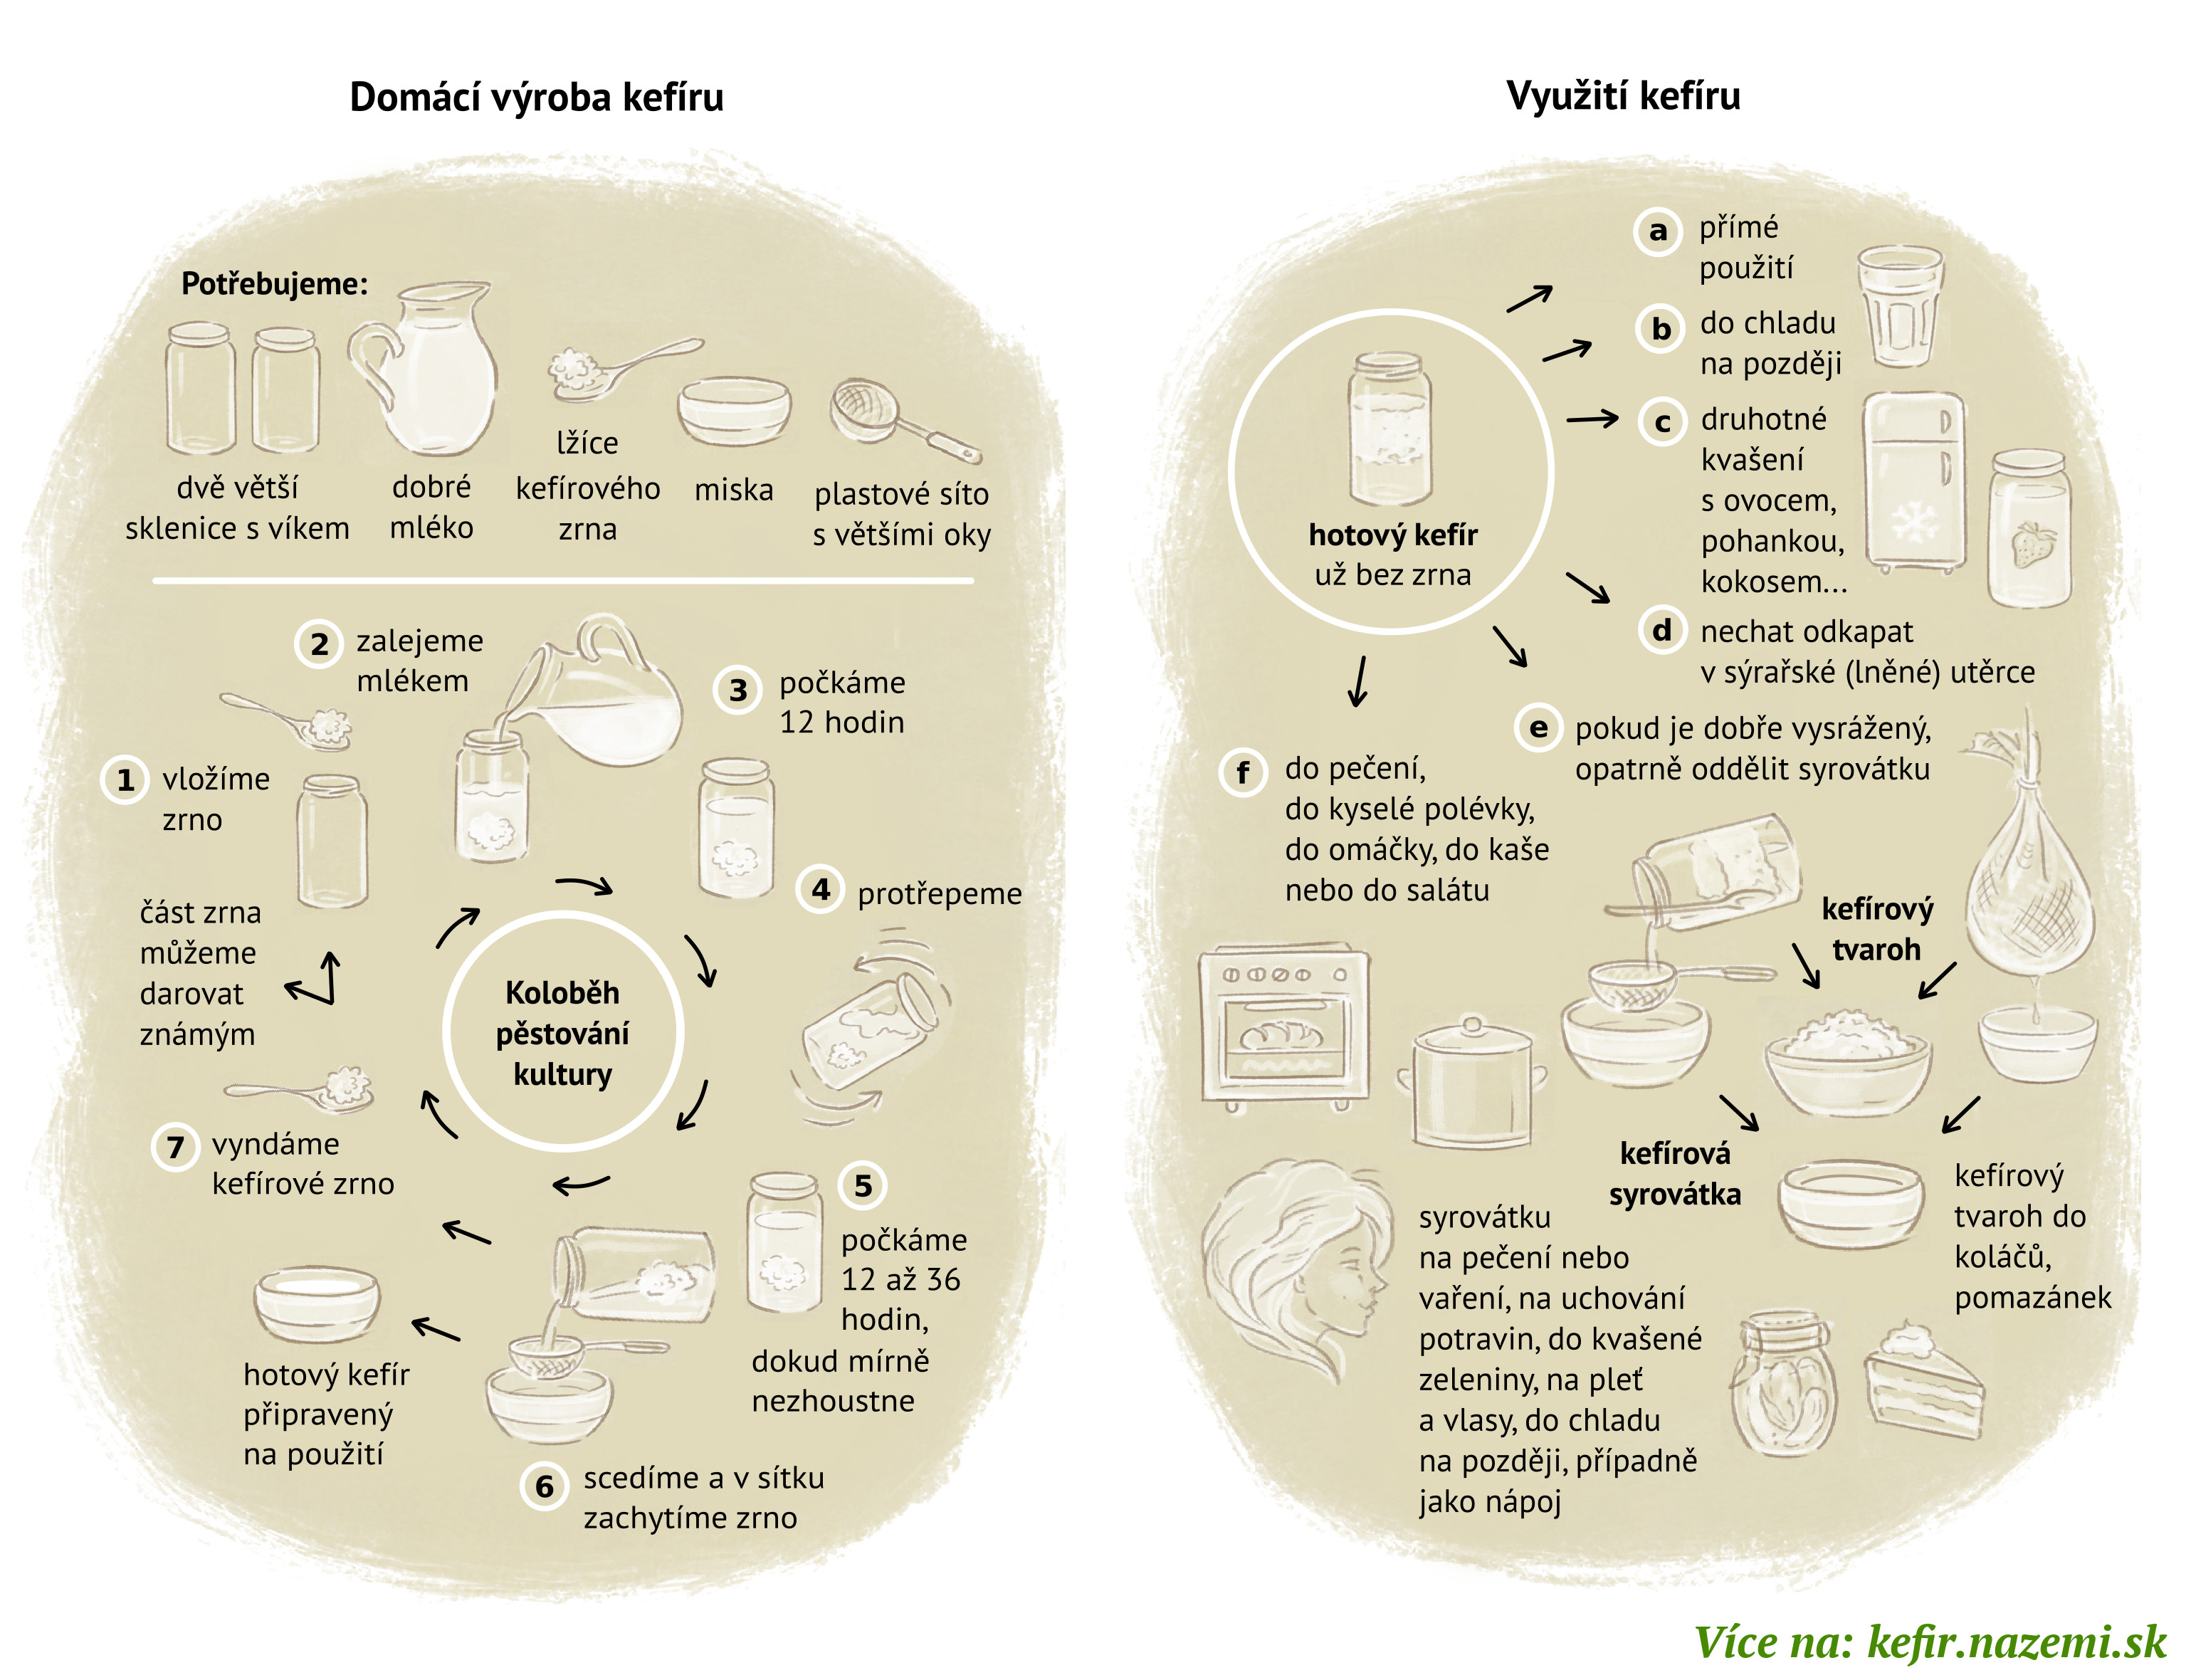 Infografika: Domácí výroba a využití kefíru